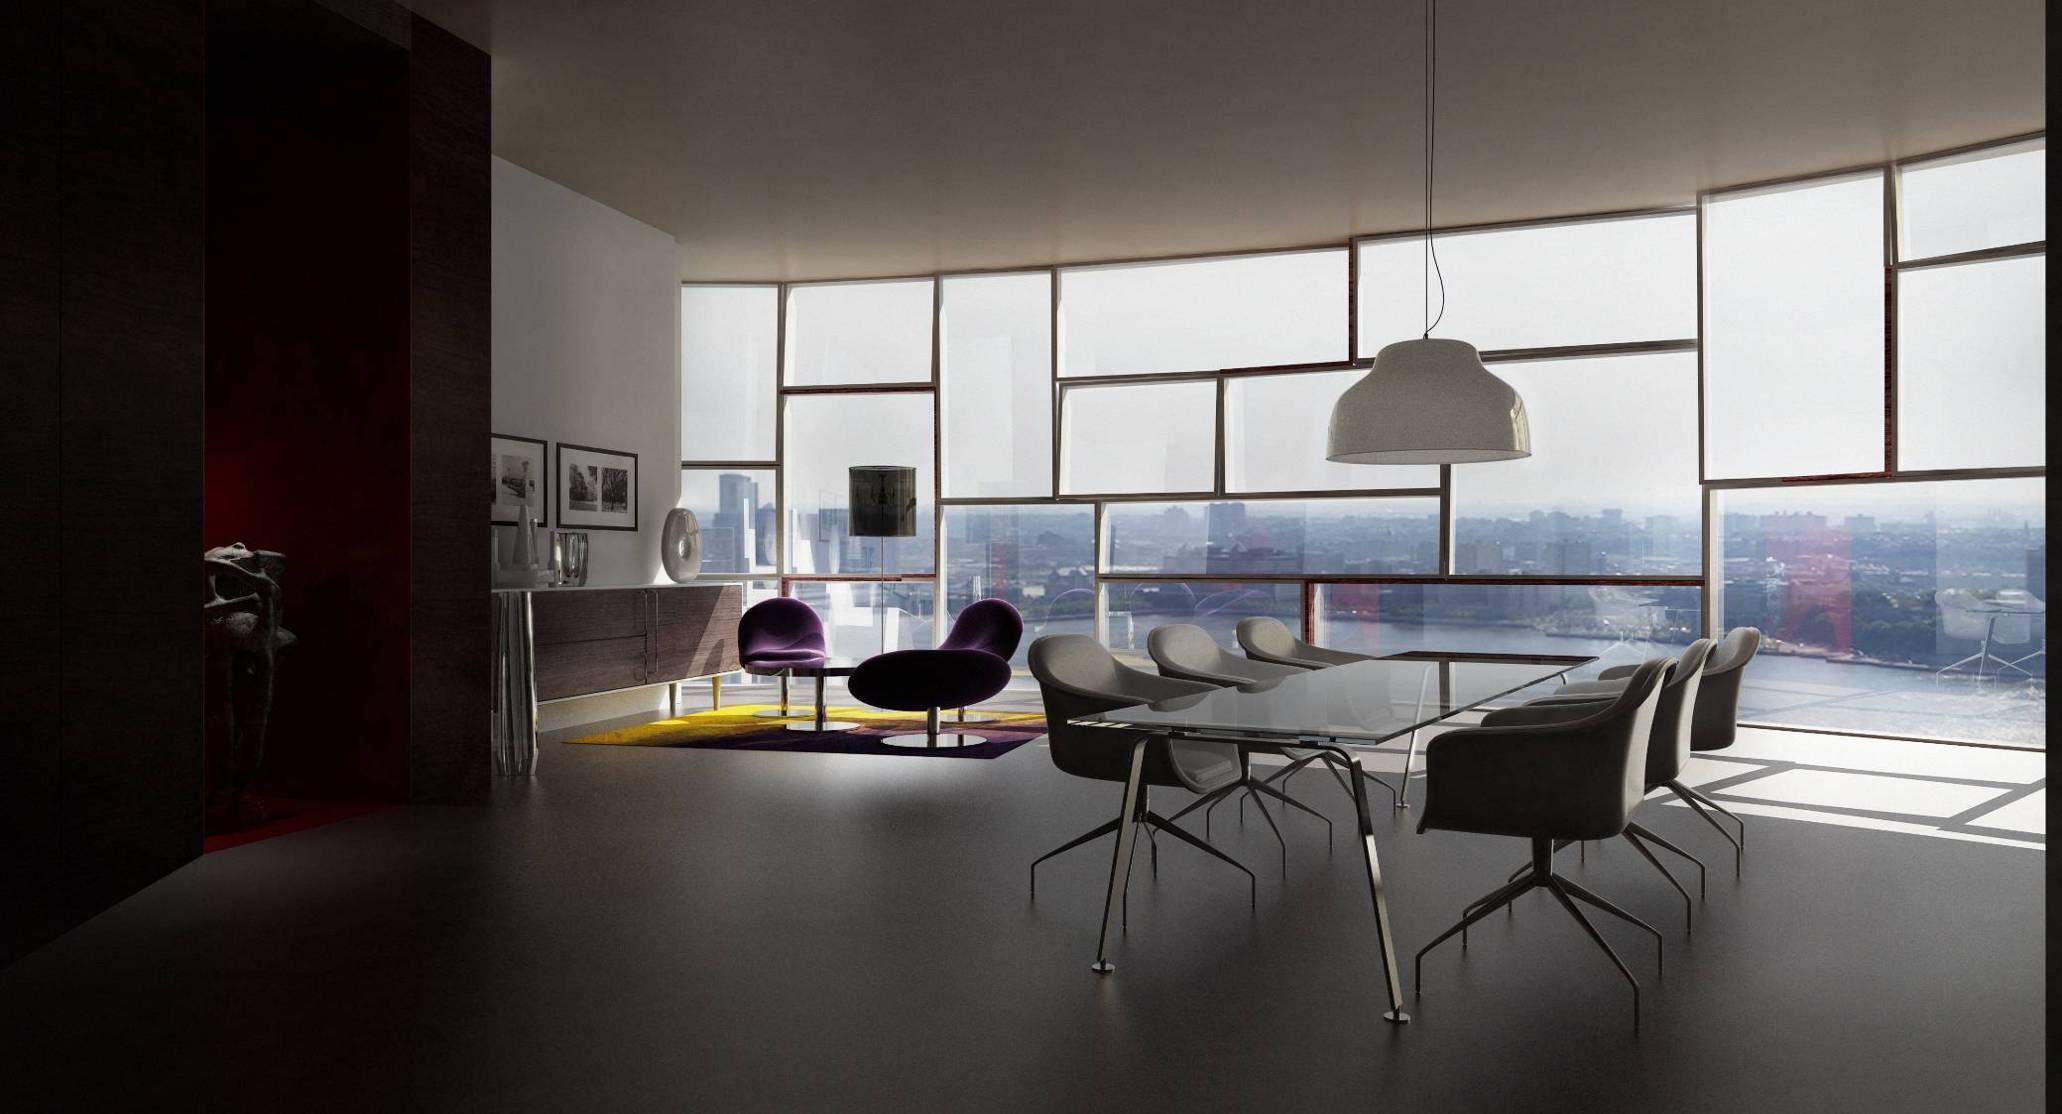 interior02 - Copy